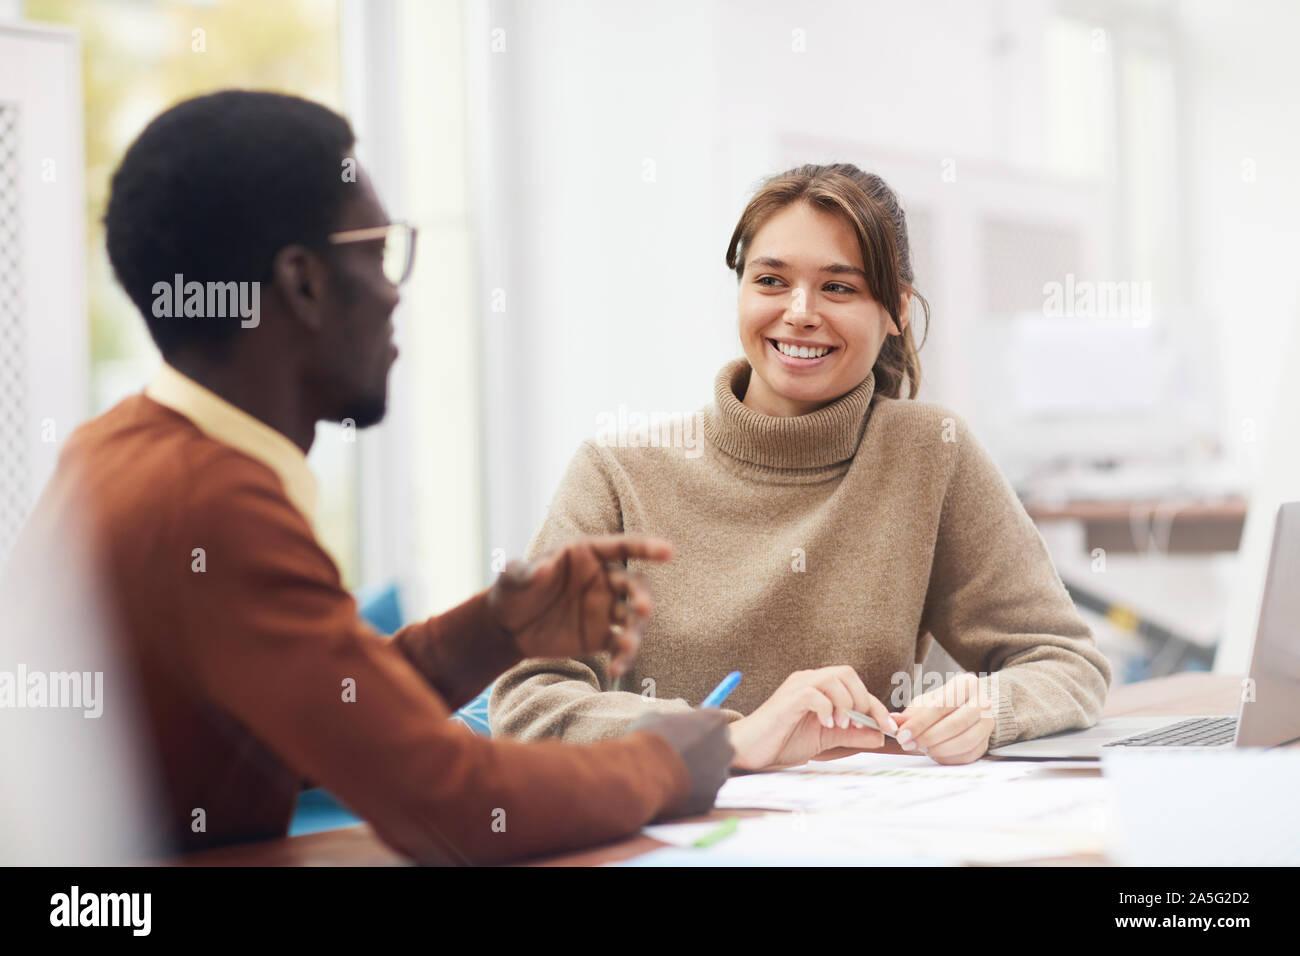 Retrato de hermosa mujer sonriente joven felizmente mientras disfruta de clase en la universidad y hablando a afroamericanos classmate, espacio de copia Foto de stock